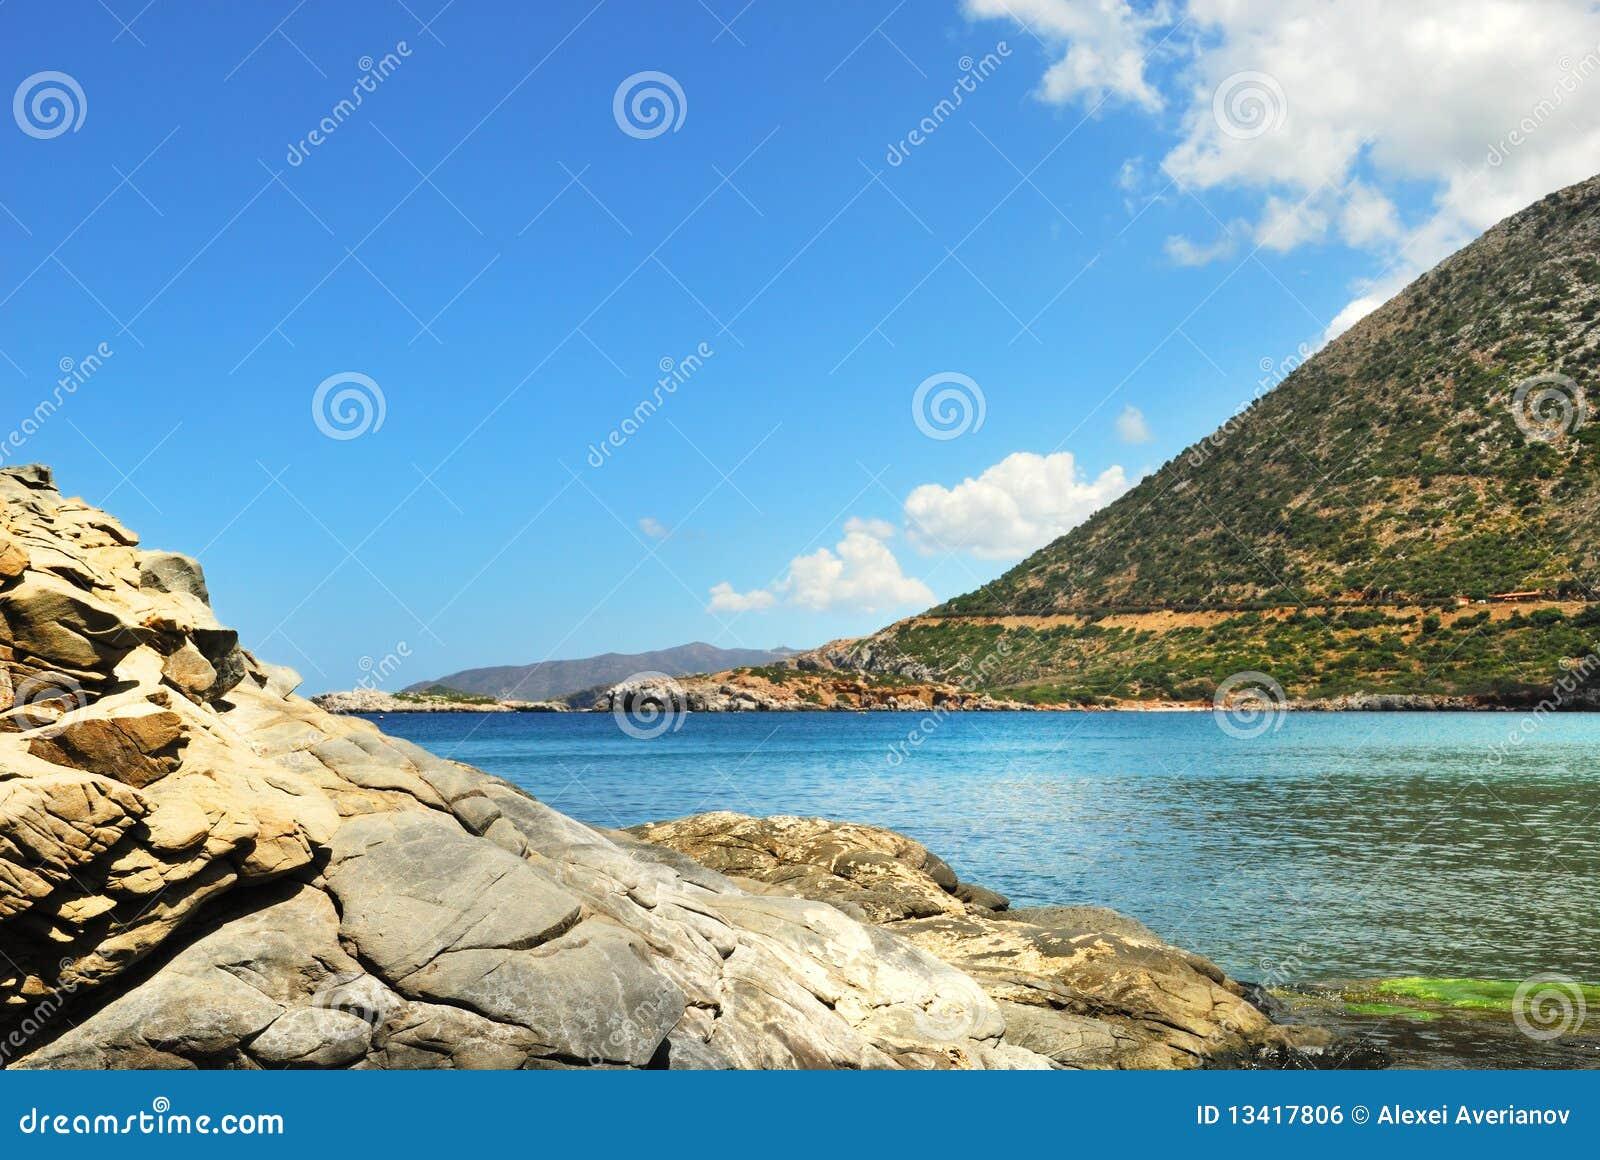 巴厘岛海湾